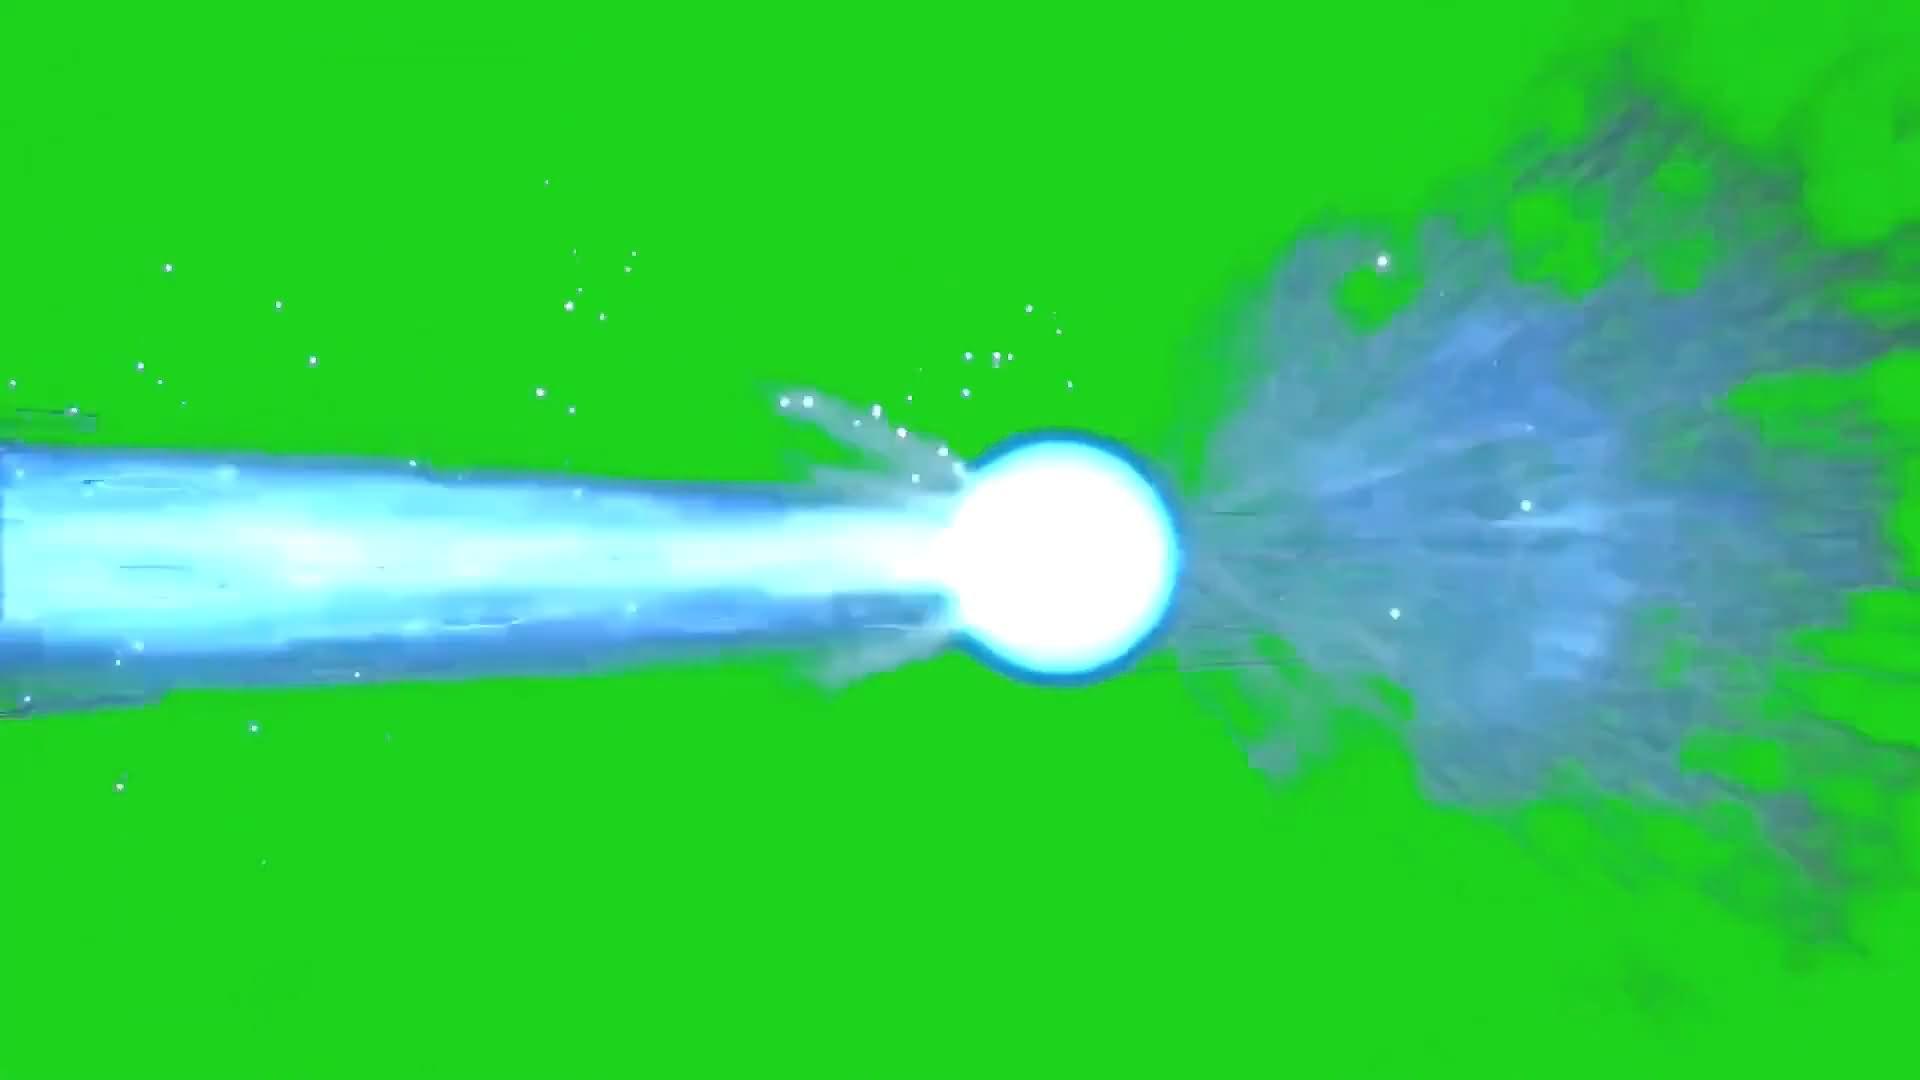 绿屏冲击波能量球.jpg